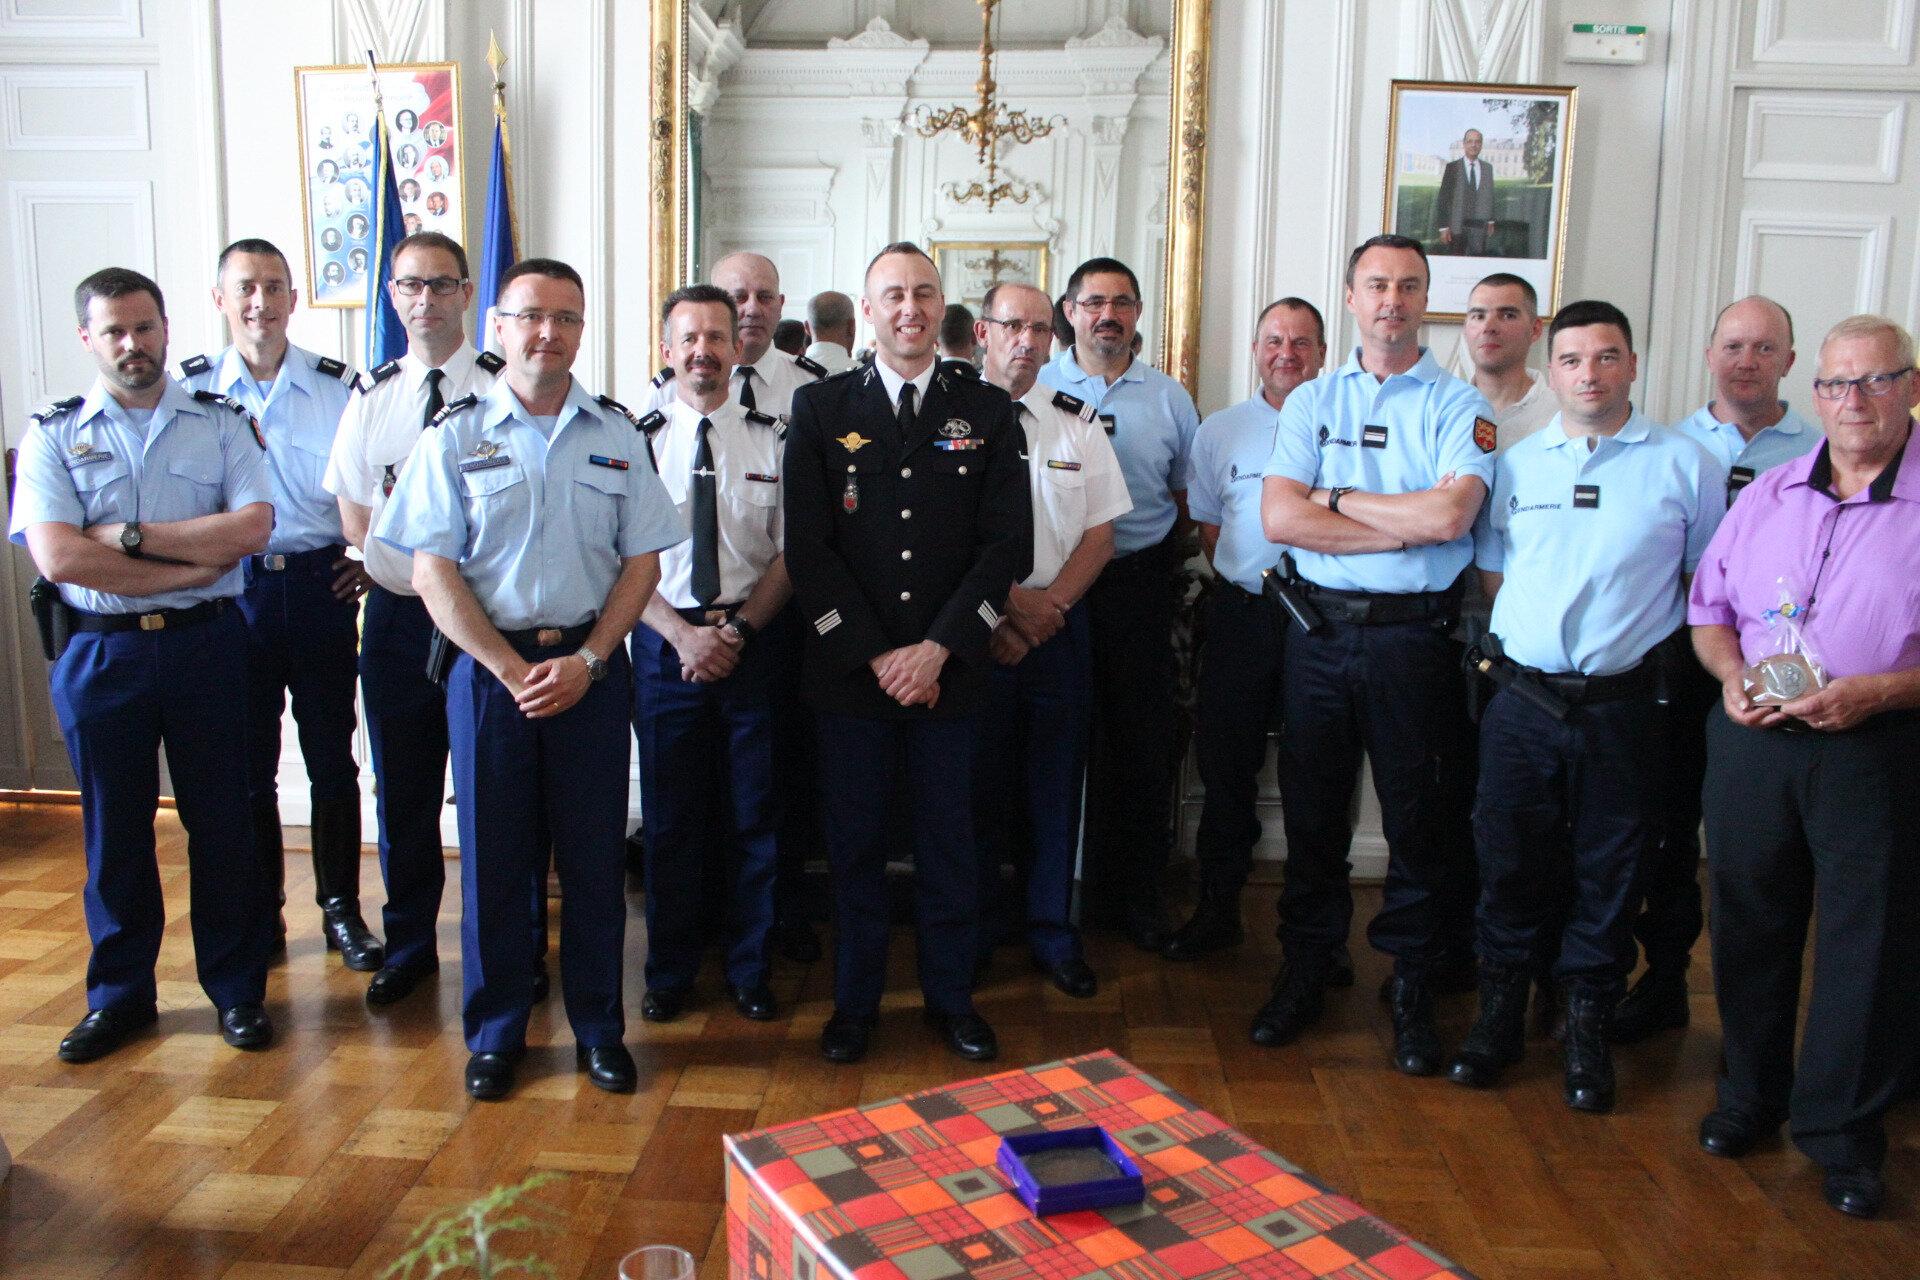 Cérémonie départementale en hommage au Lieutenant-colonel Arnaud Beltrame à Avranches - mercredi 28 mars 2018